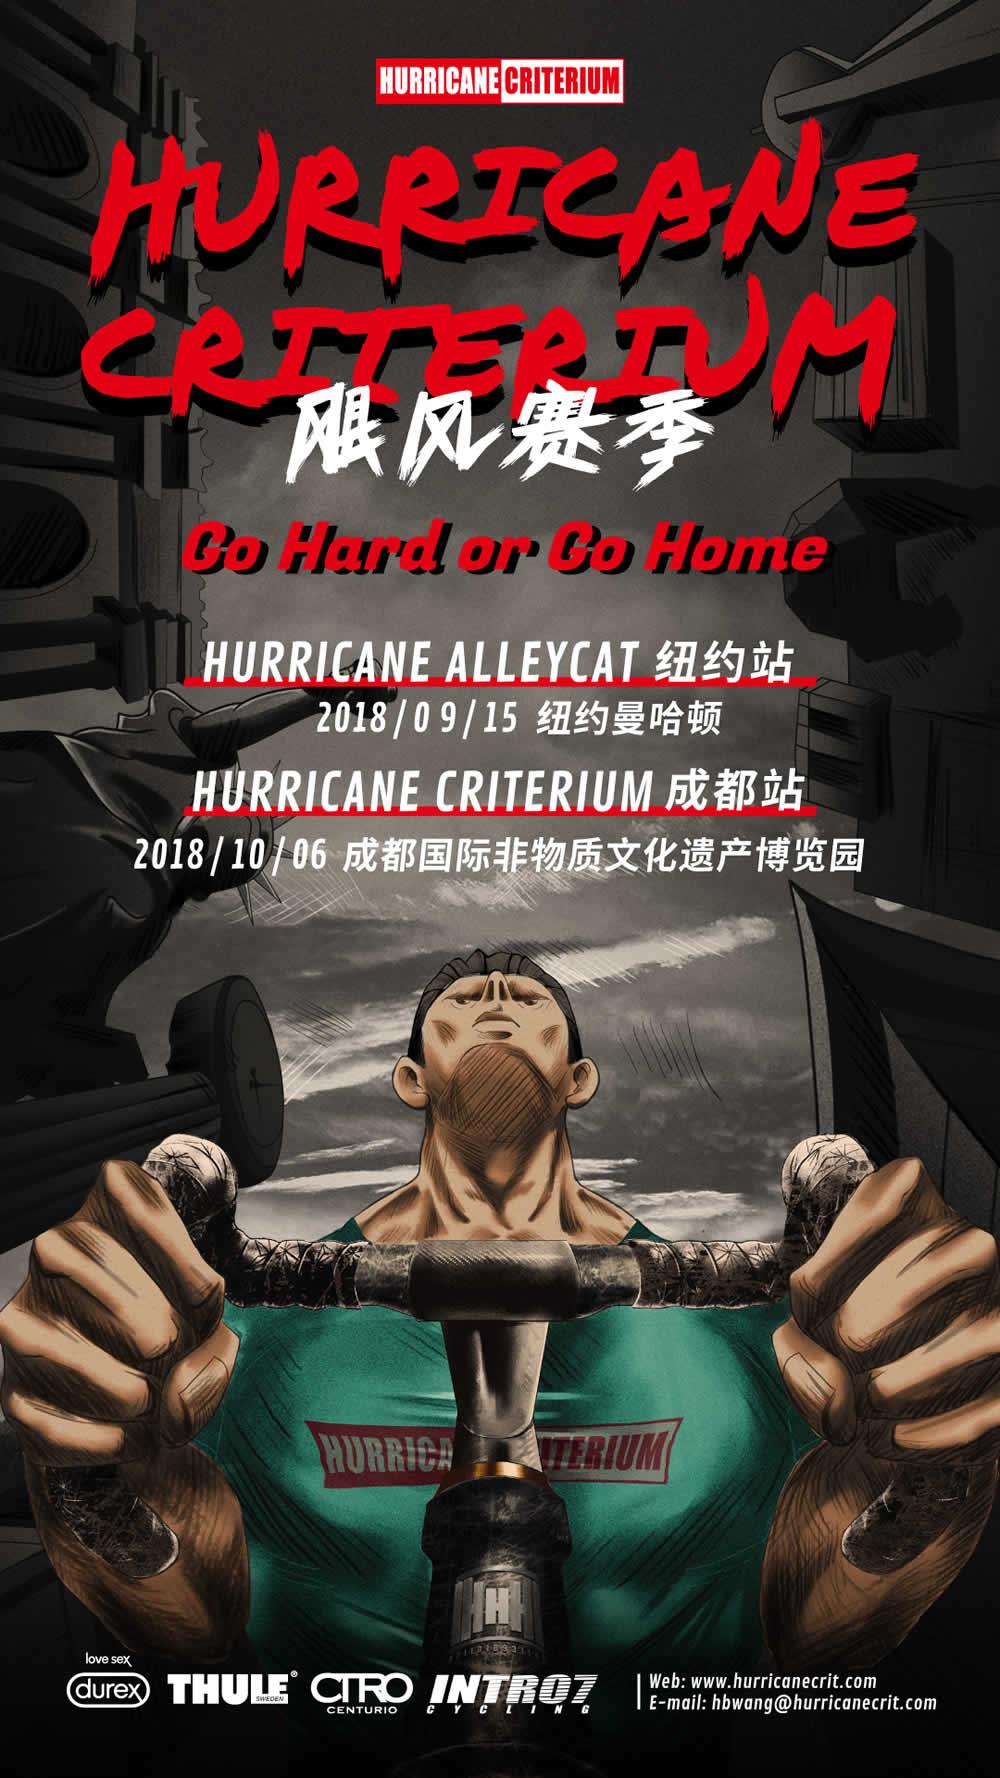 中国Hurricane Criterium飓风固齿赛美国纽约站圆满落幕